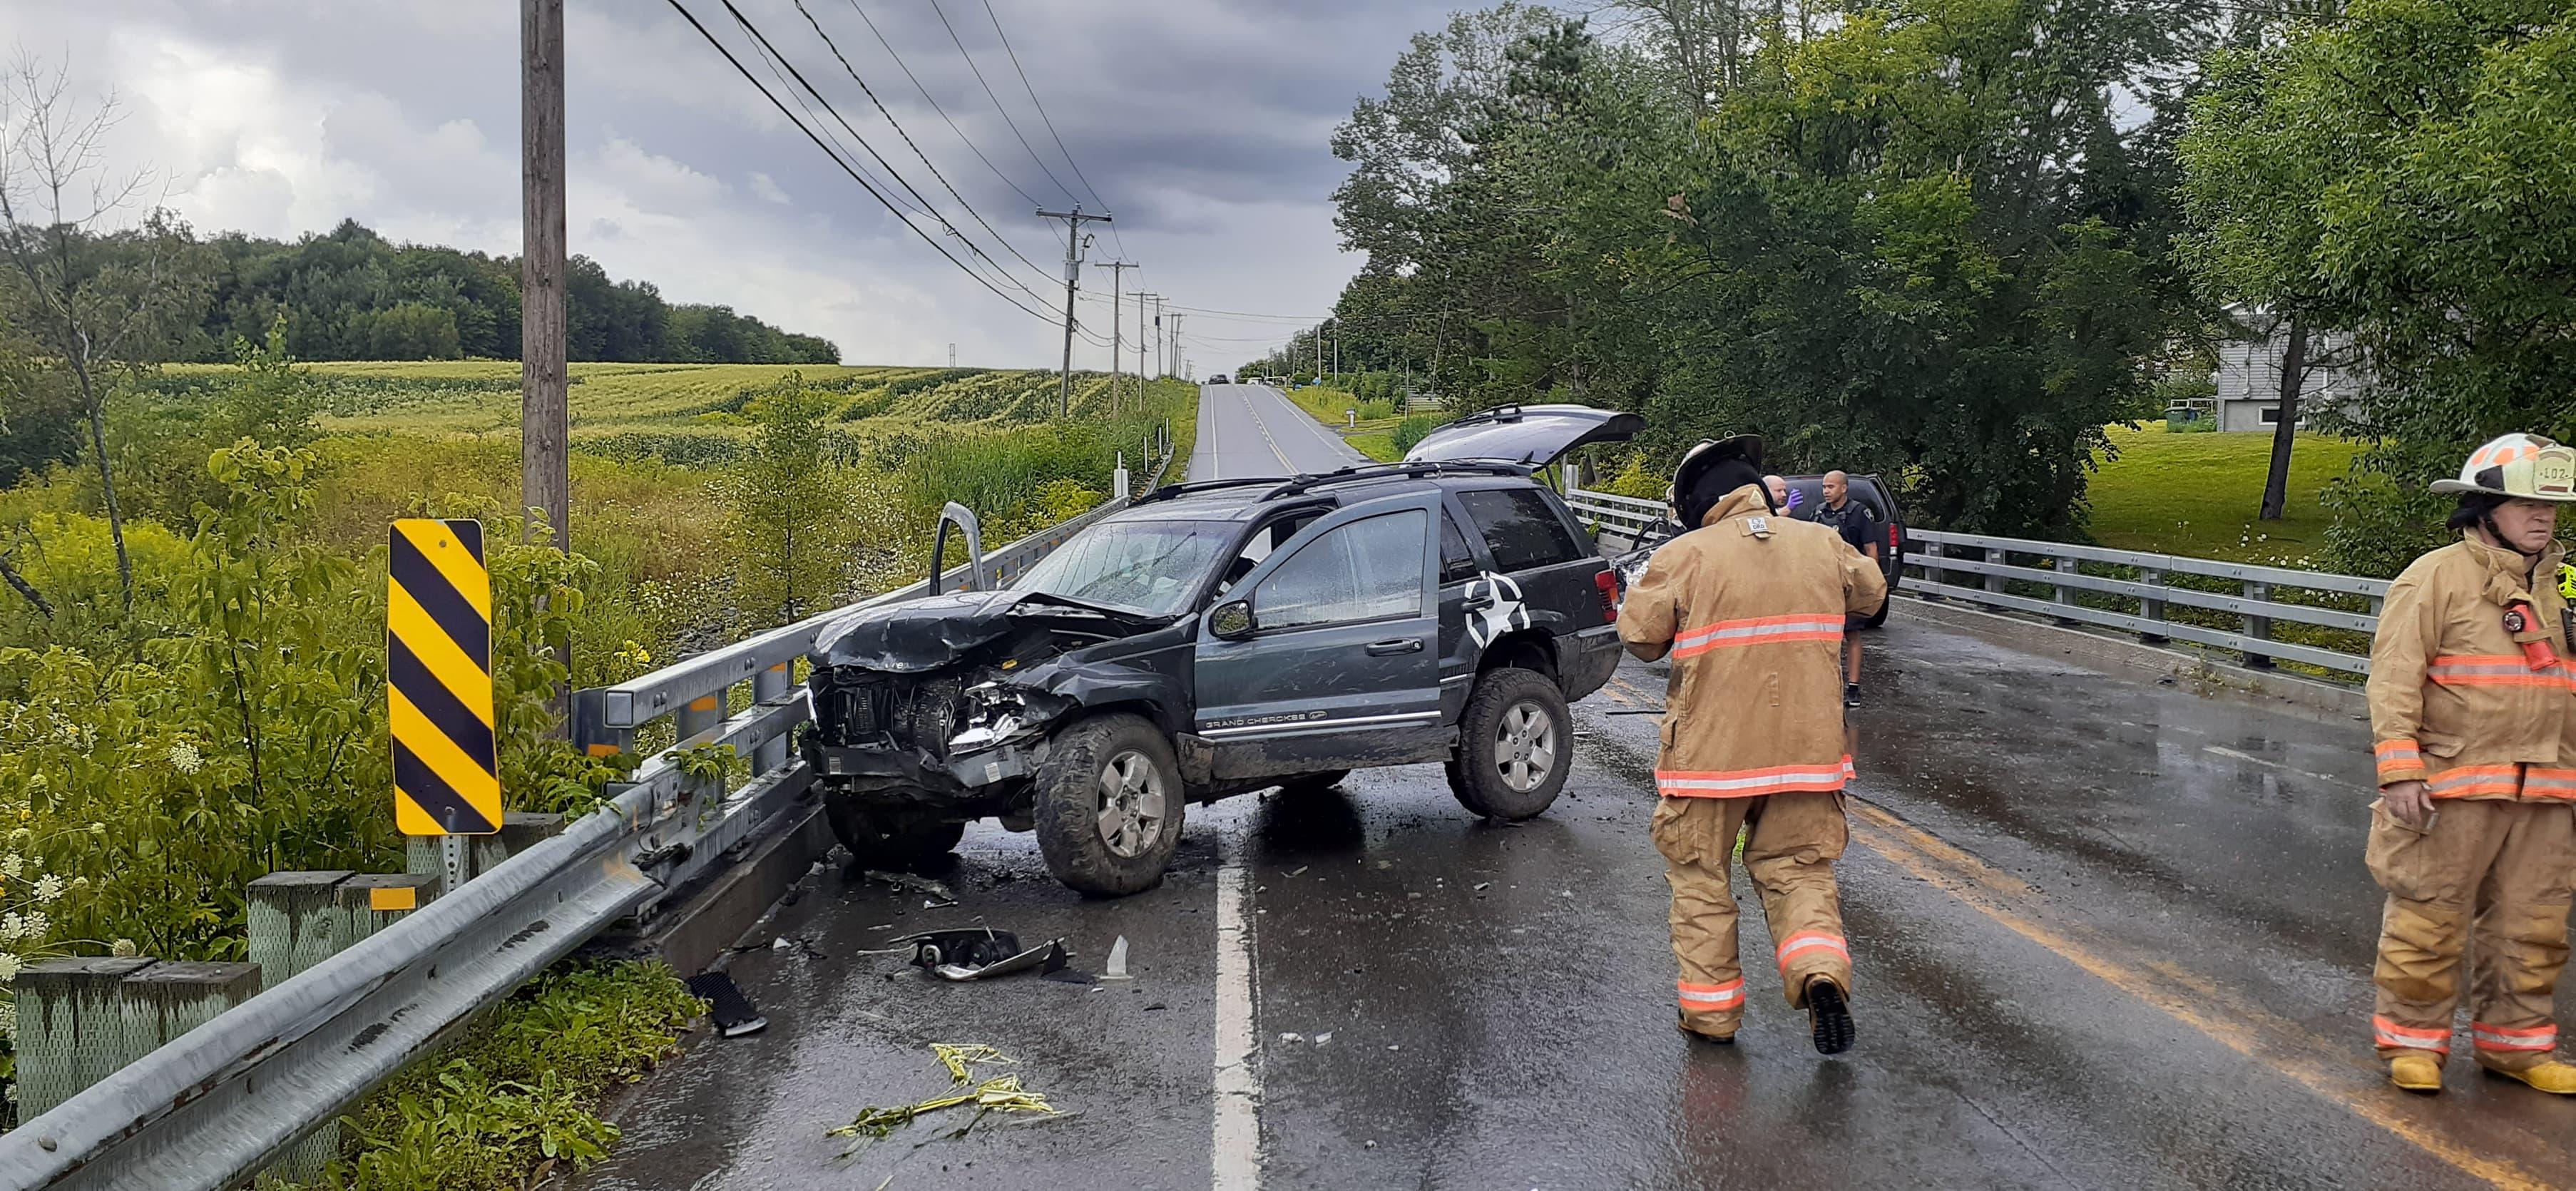 Accident à L'Assomption